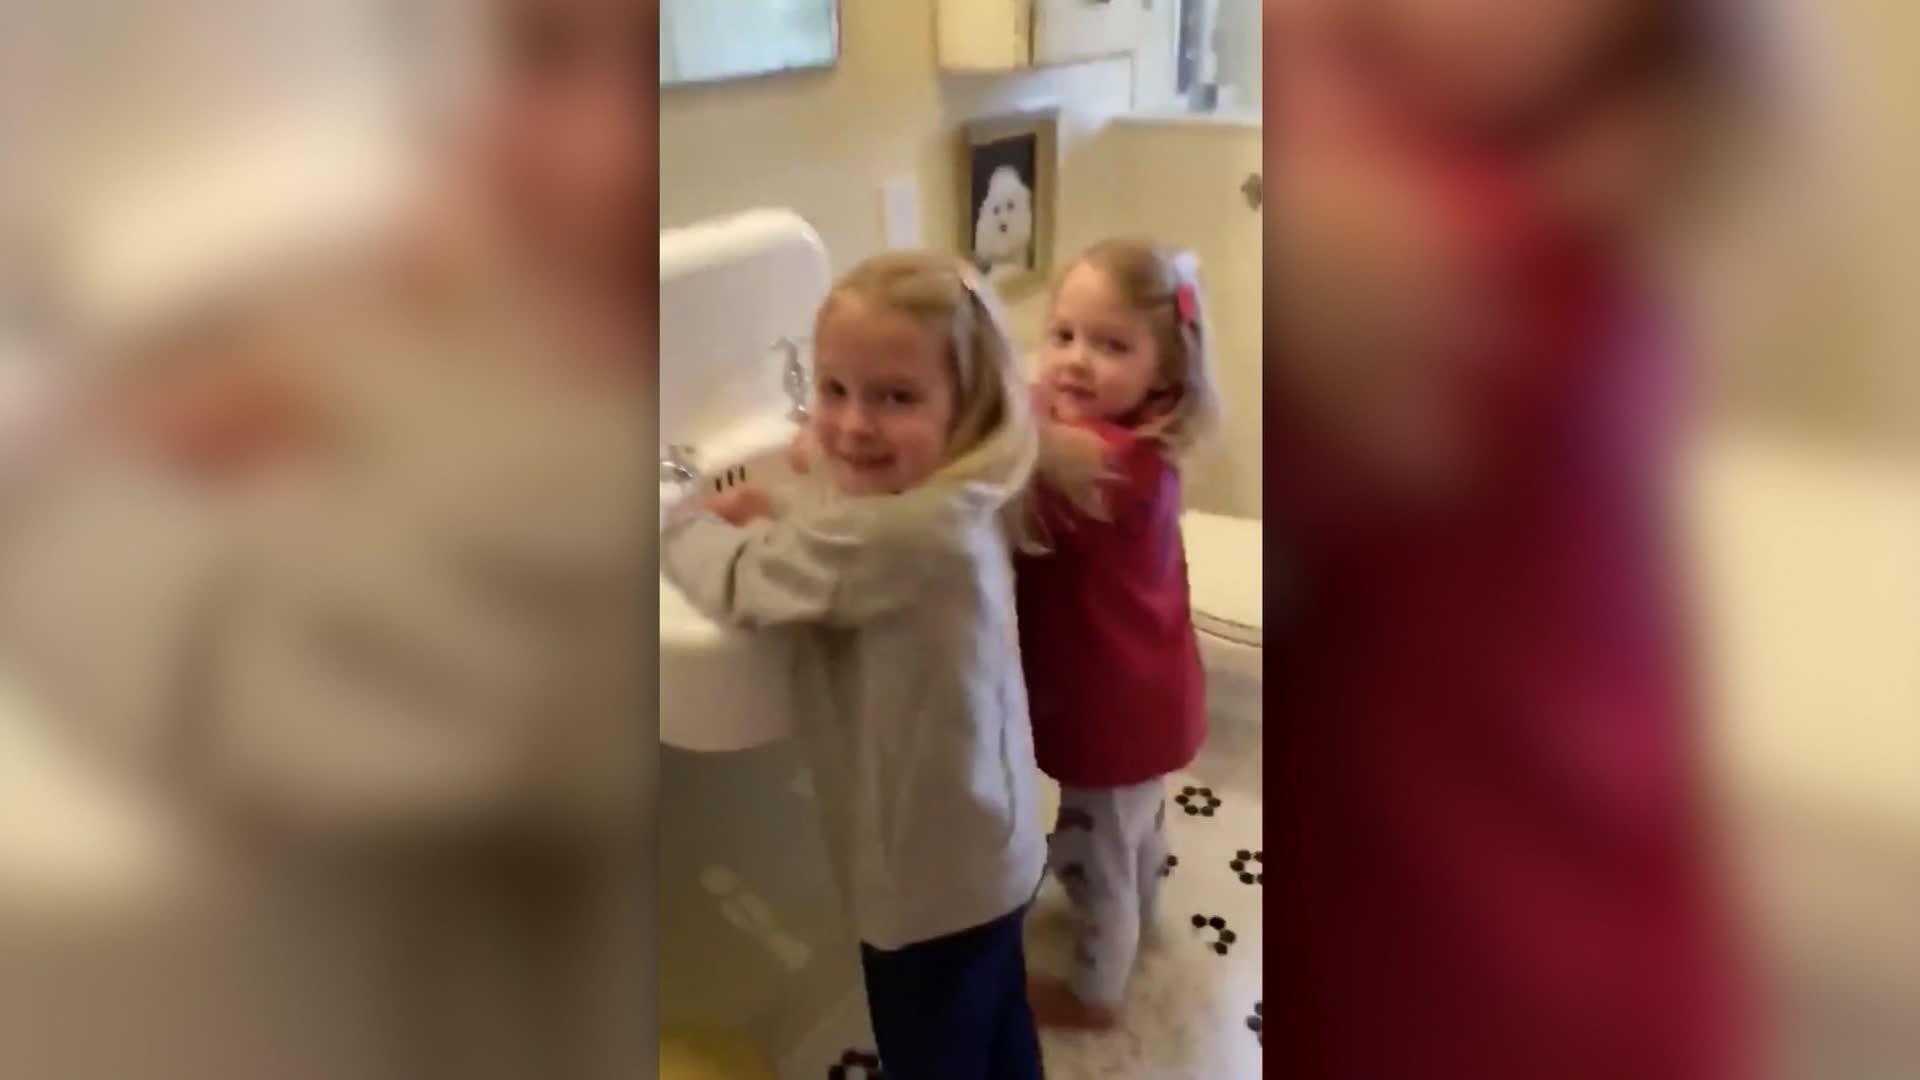 شاهد.. فيديو لجيمي فالون عن غسل اليدين ينتشر بشكل فيروسي